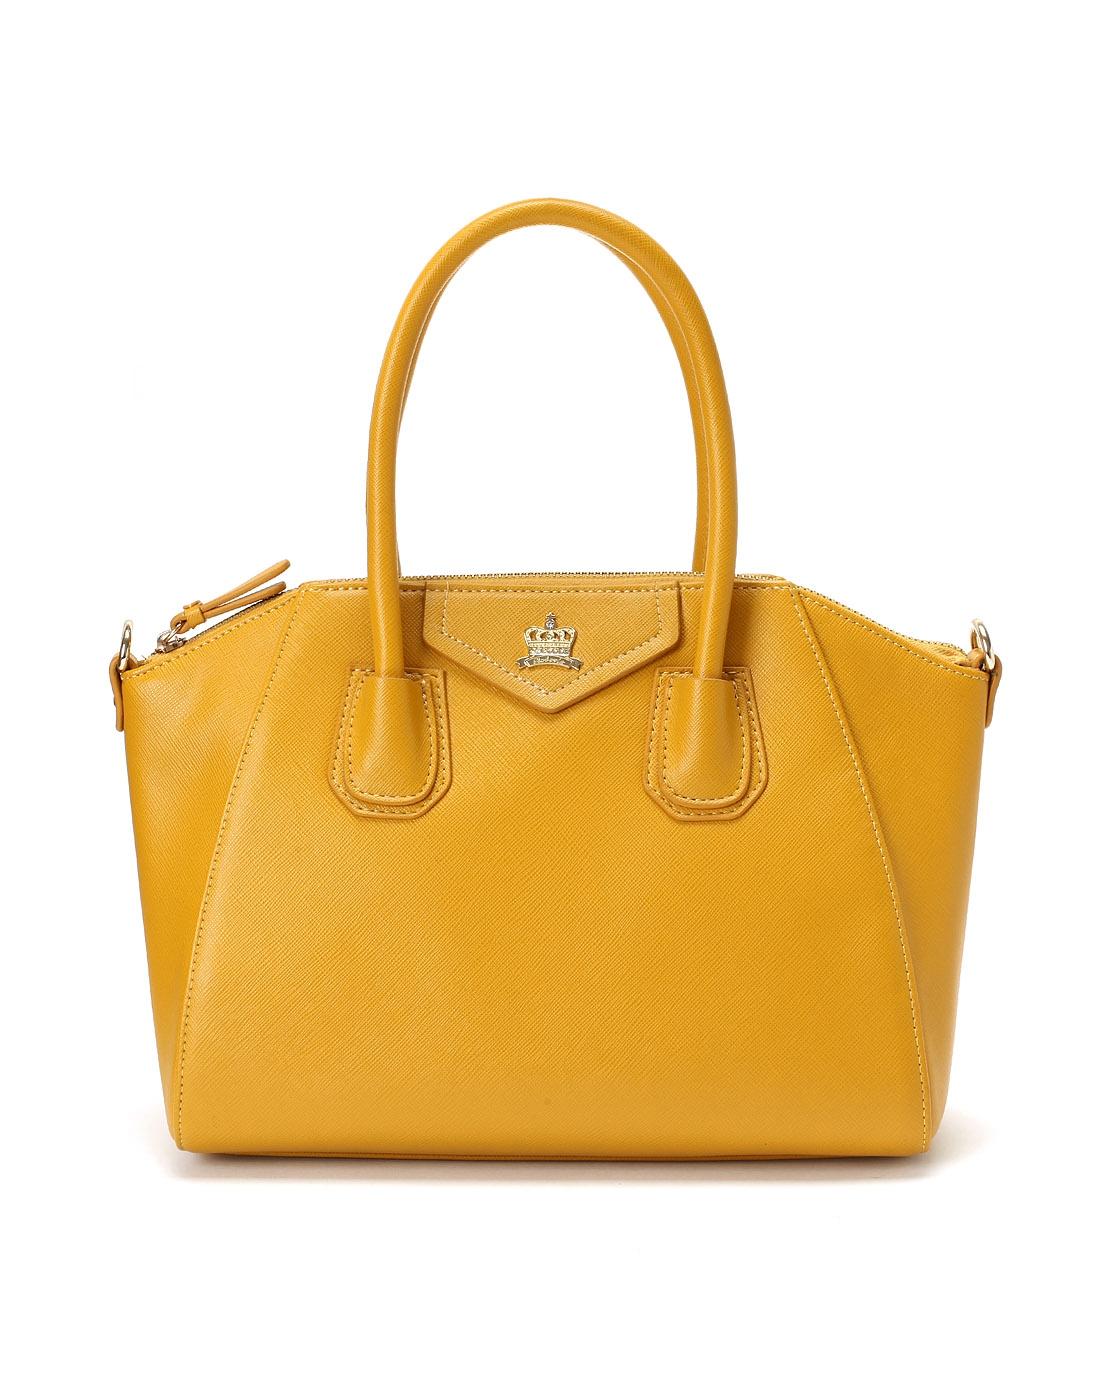 哈森harson集团品牌女鞋卡文cover2014新款黄色人造